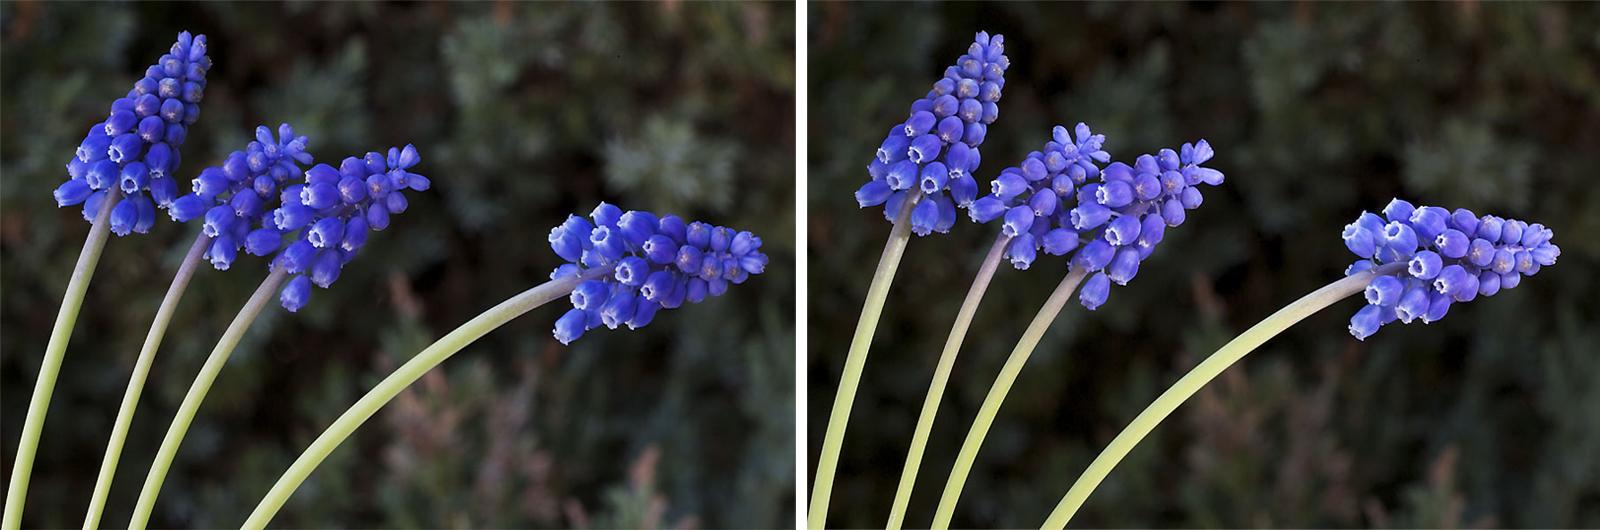 foto: Jan Duker | Bloemen; links zonder flits, rechts met flits